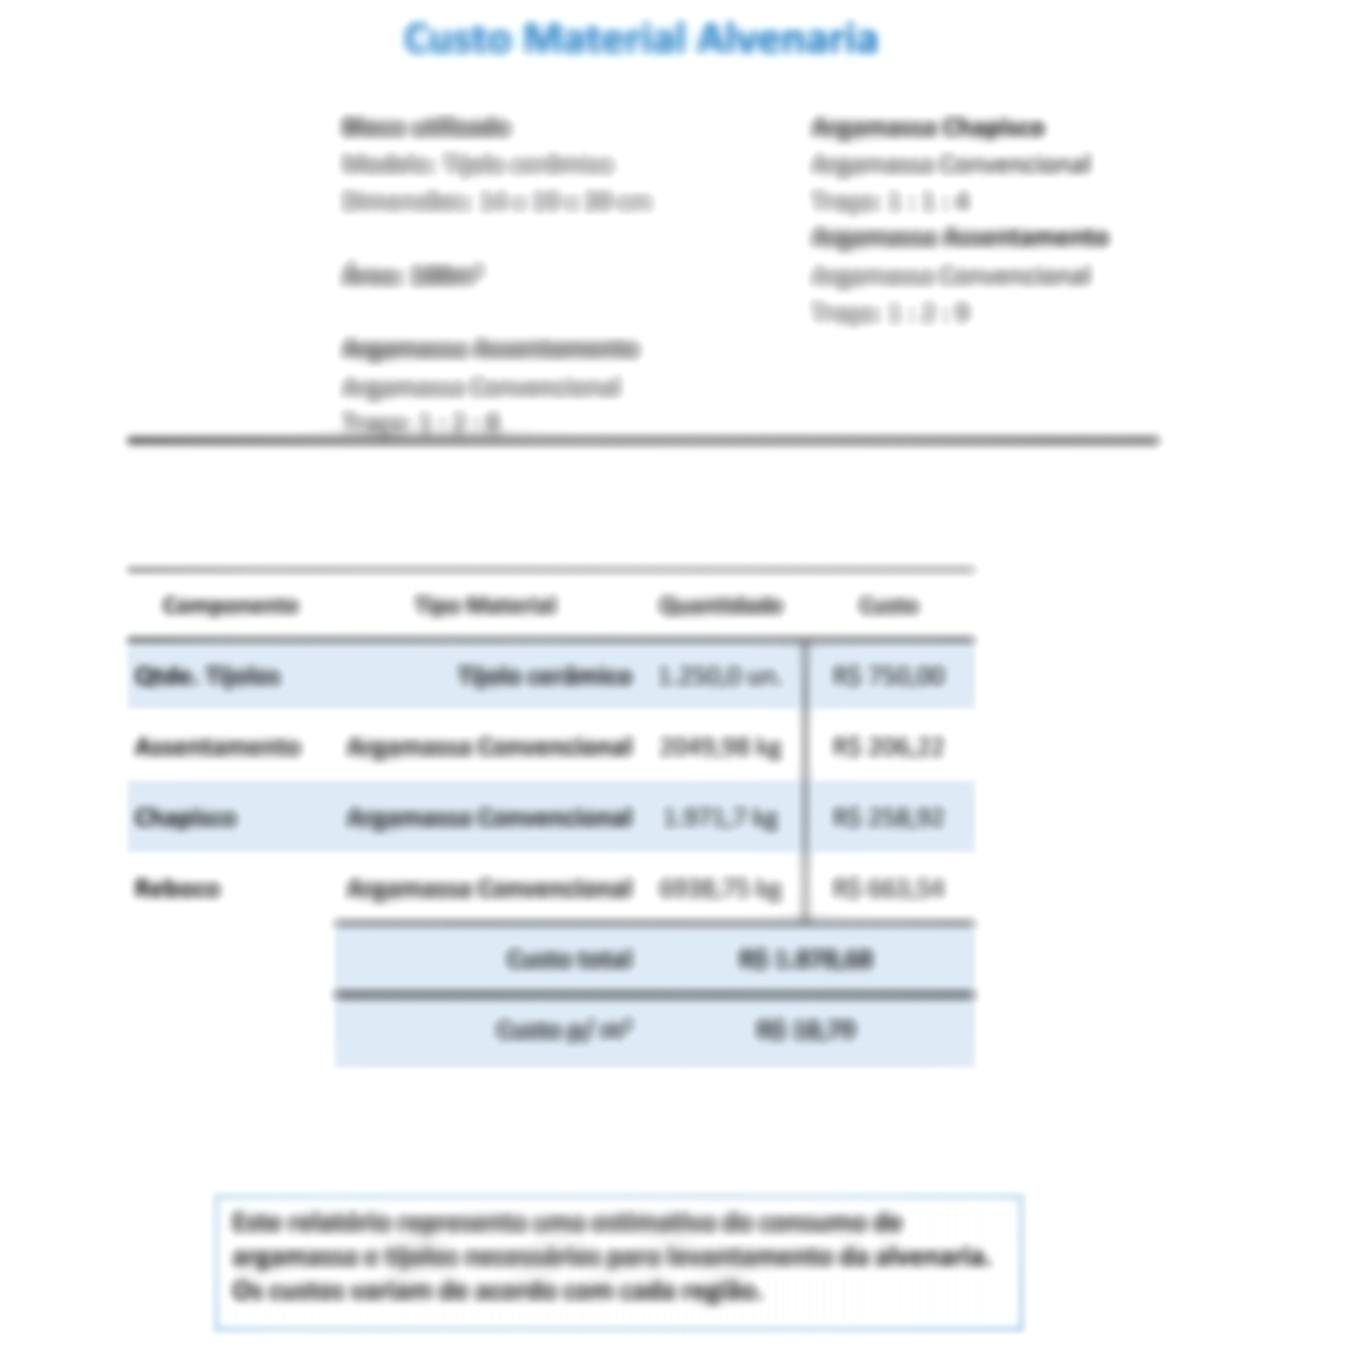 Aba relatório - Calculadora de materiais